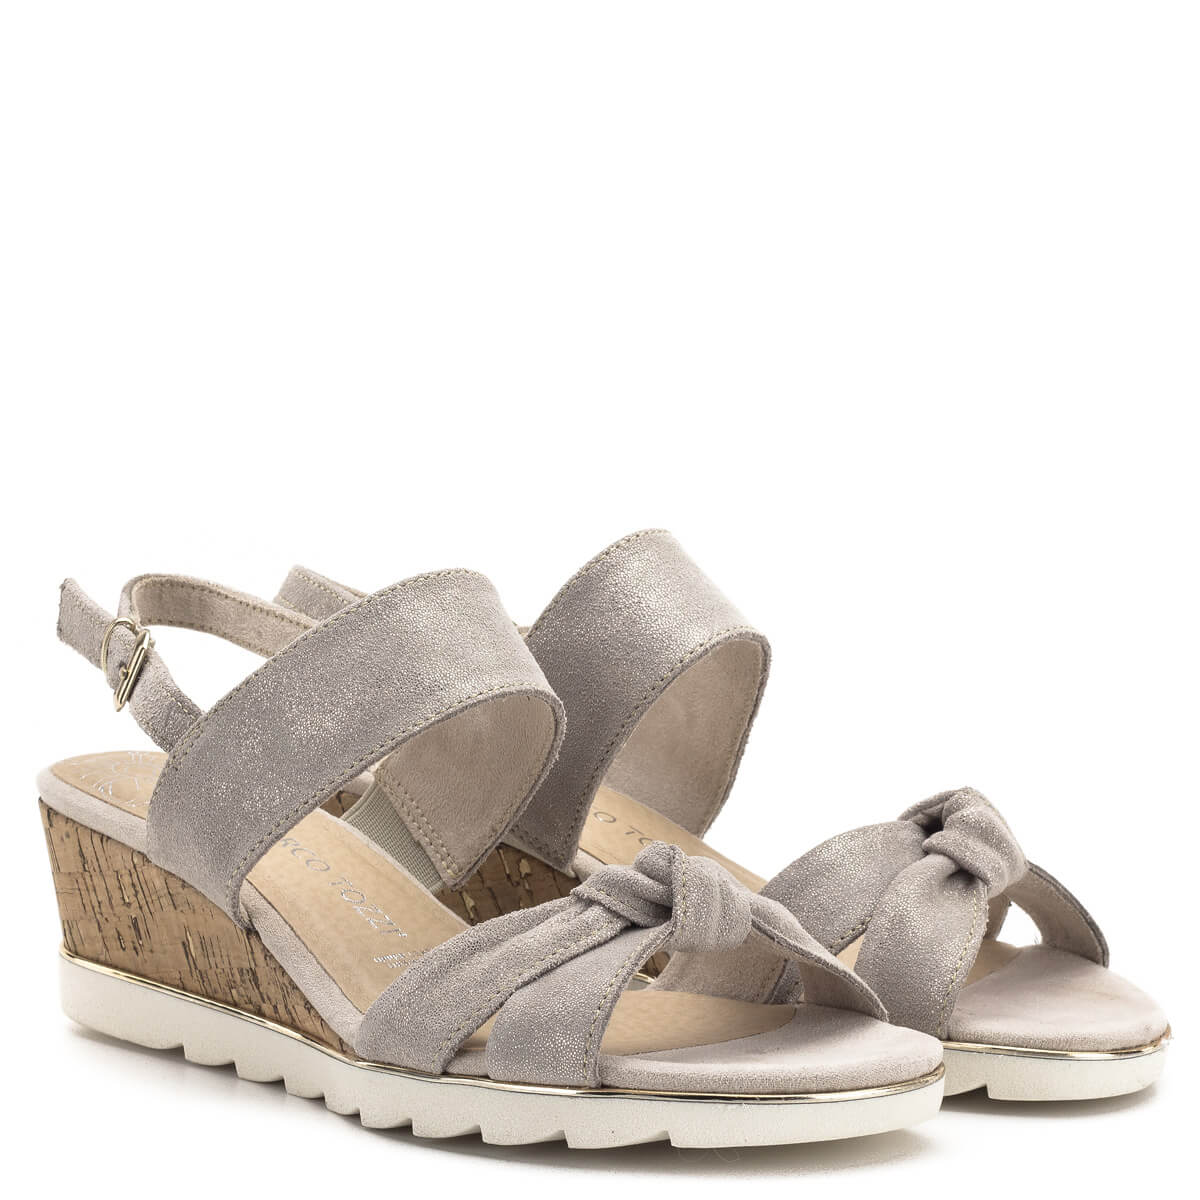 e82af224f054 Marco Tozzi cipő webáruház - Marco Tozzi cipők, csizmák, szandálok